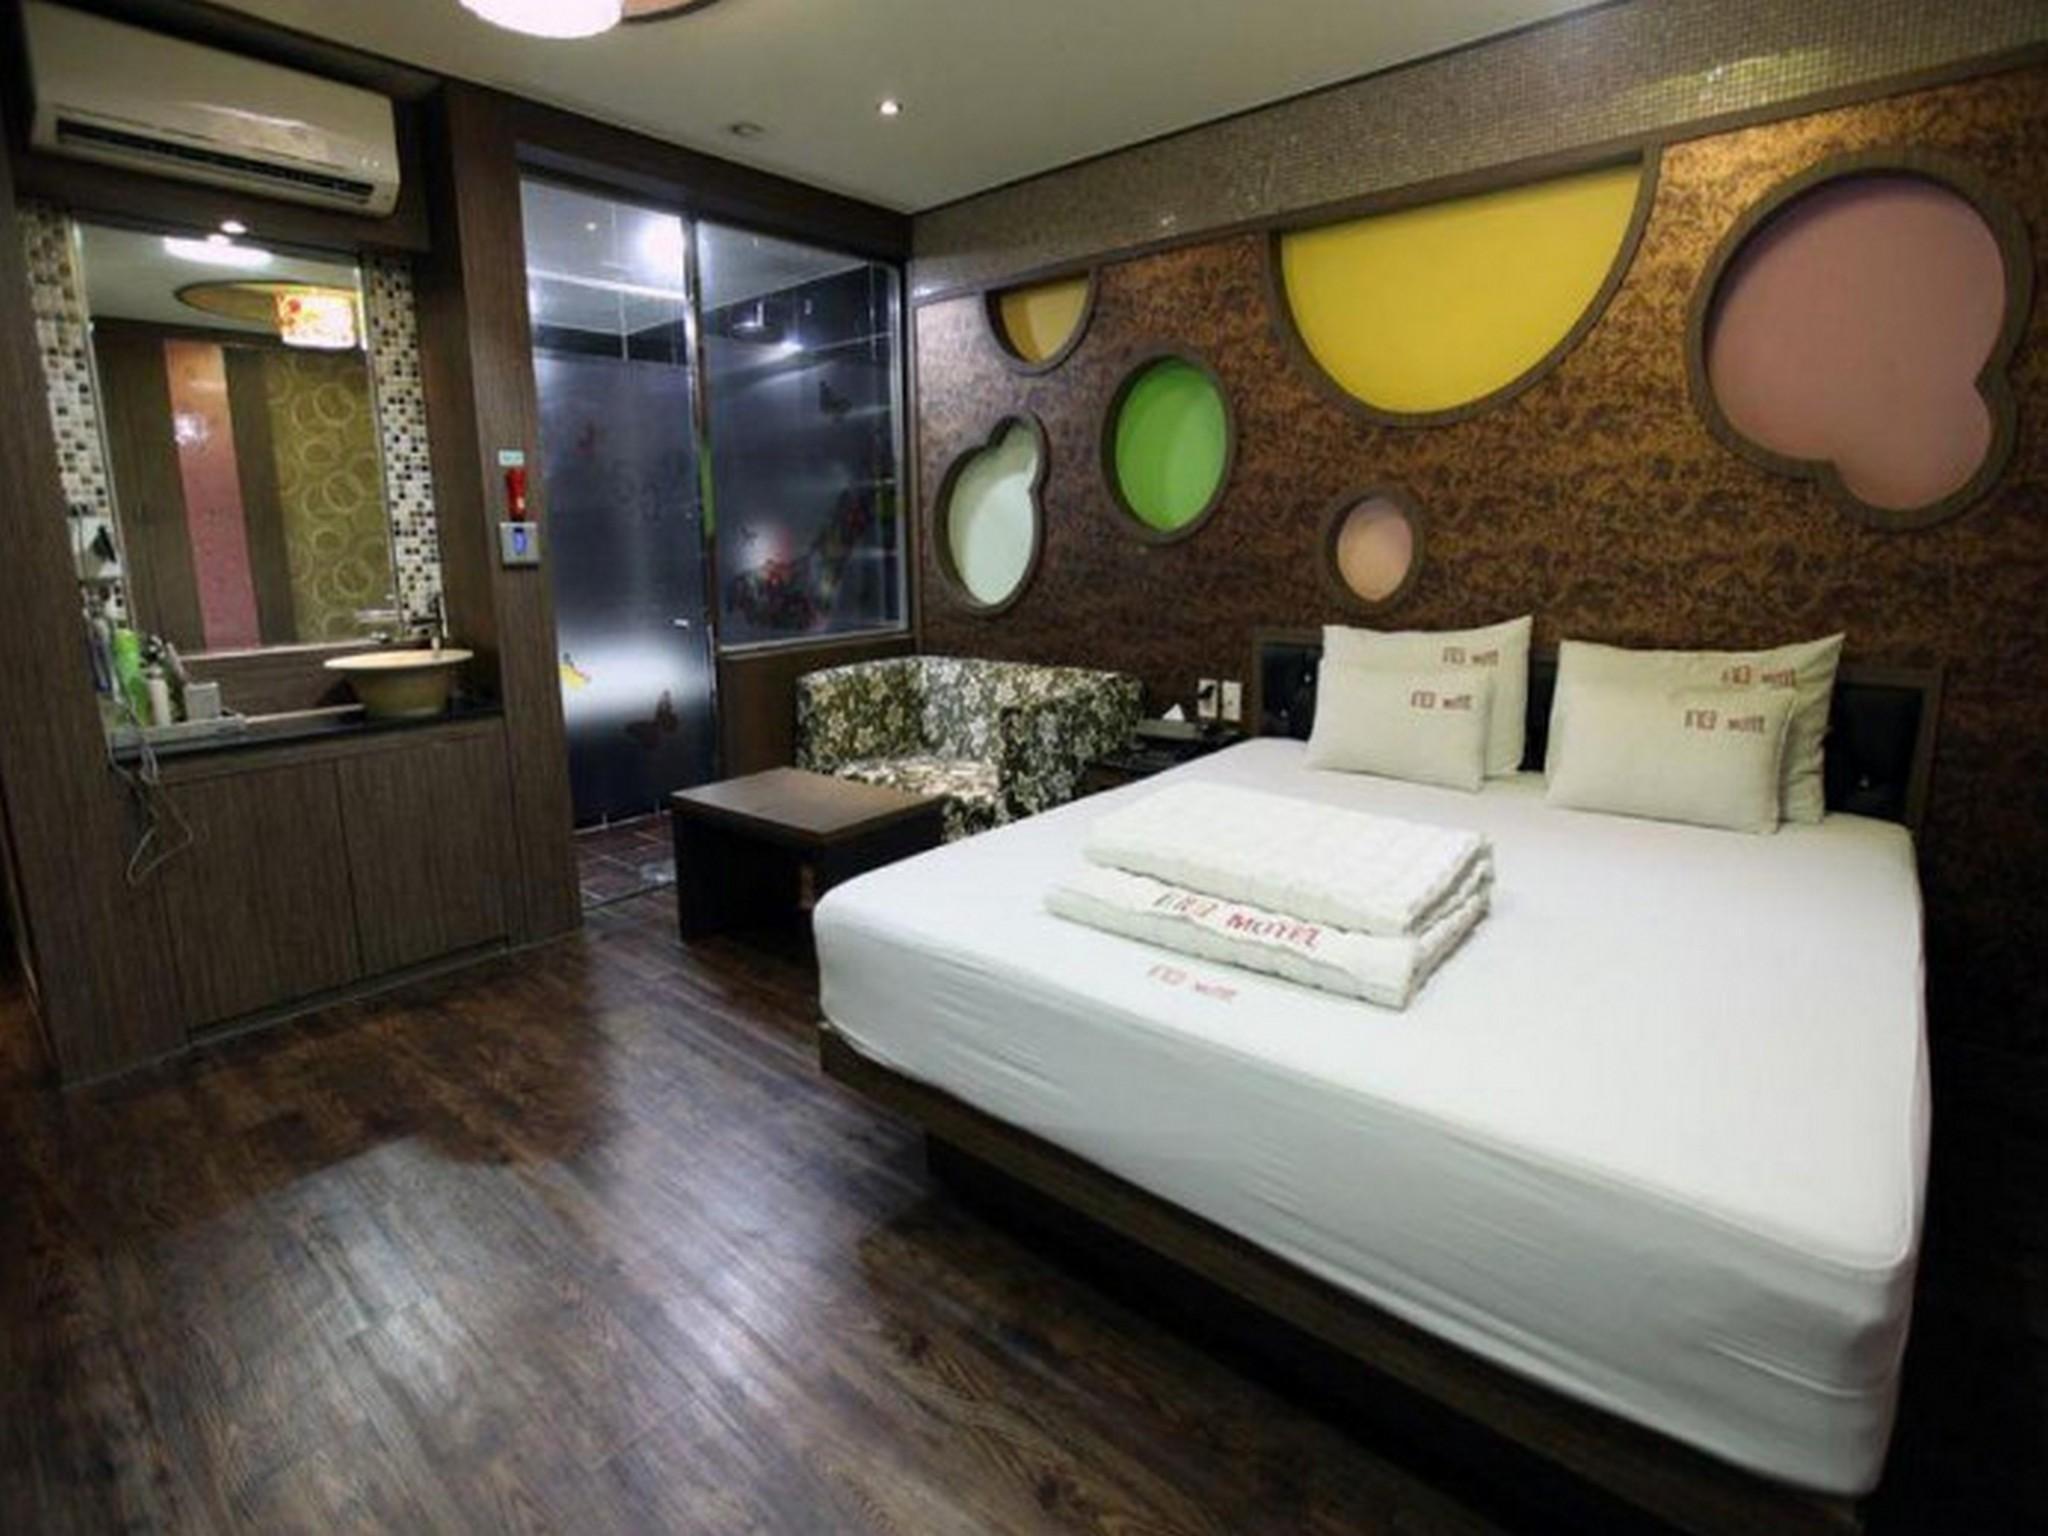 The Design Motel